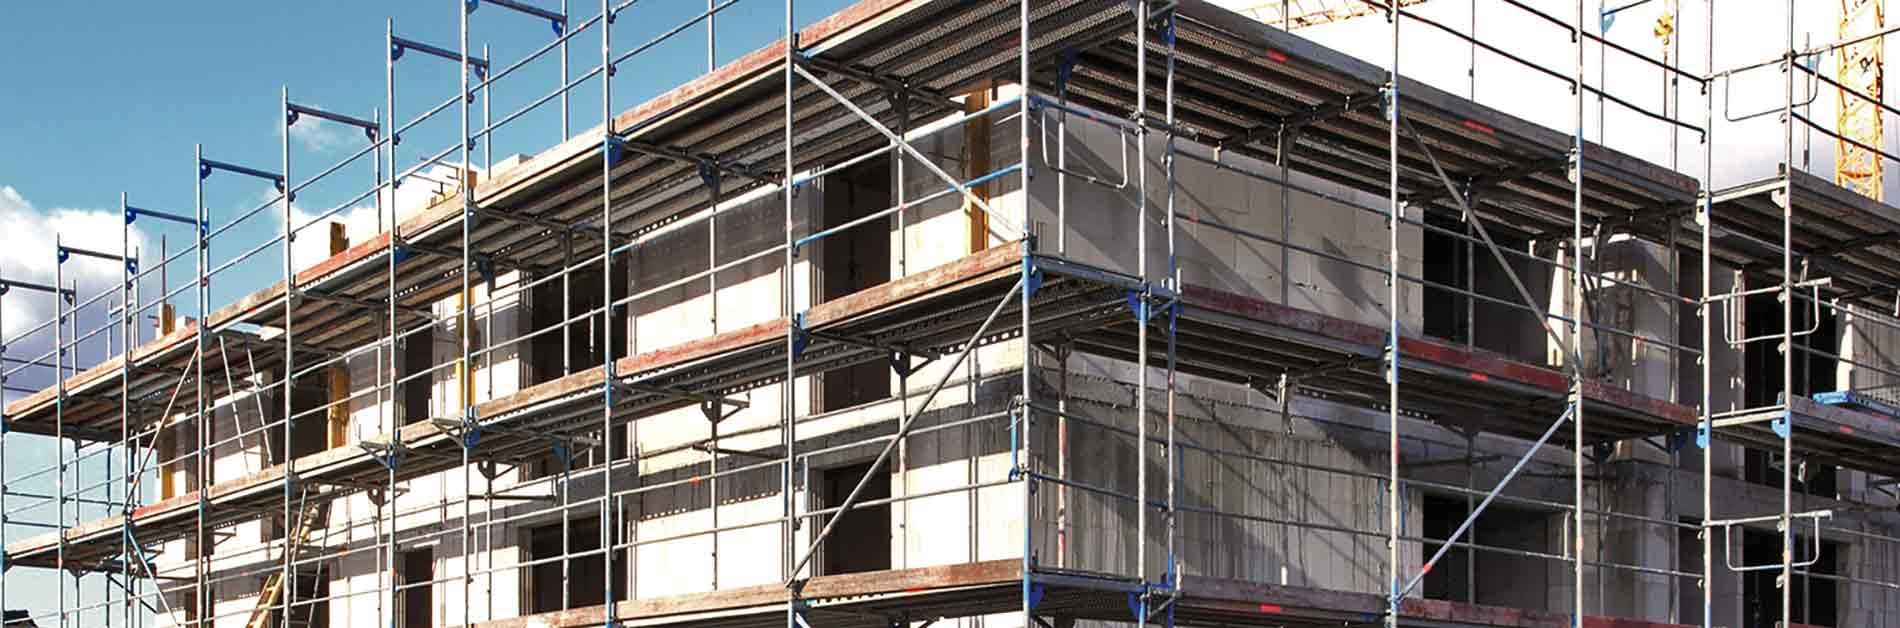 cassens: bauen - wohnen - garten - fliesen